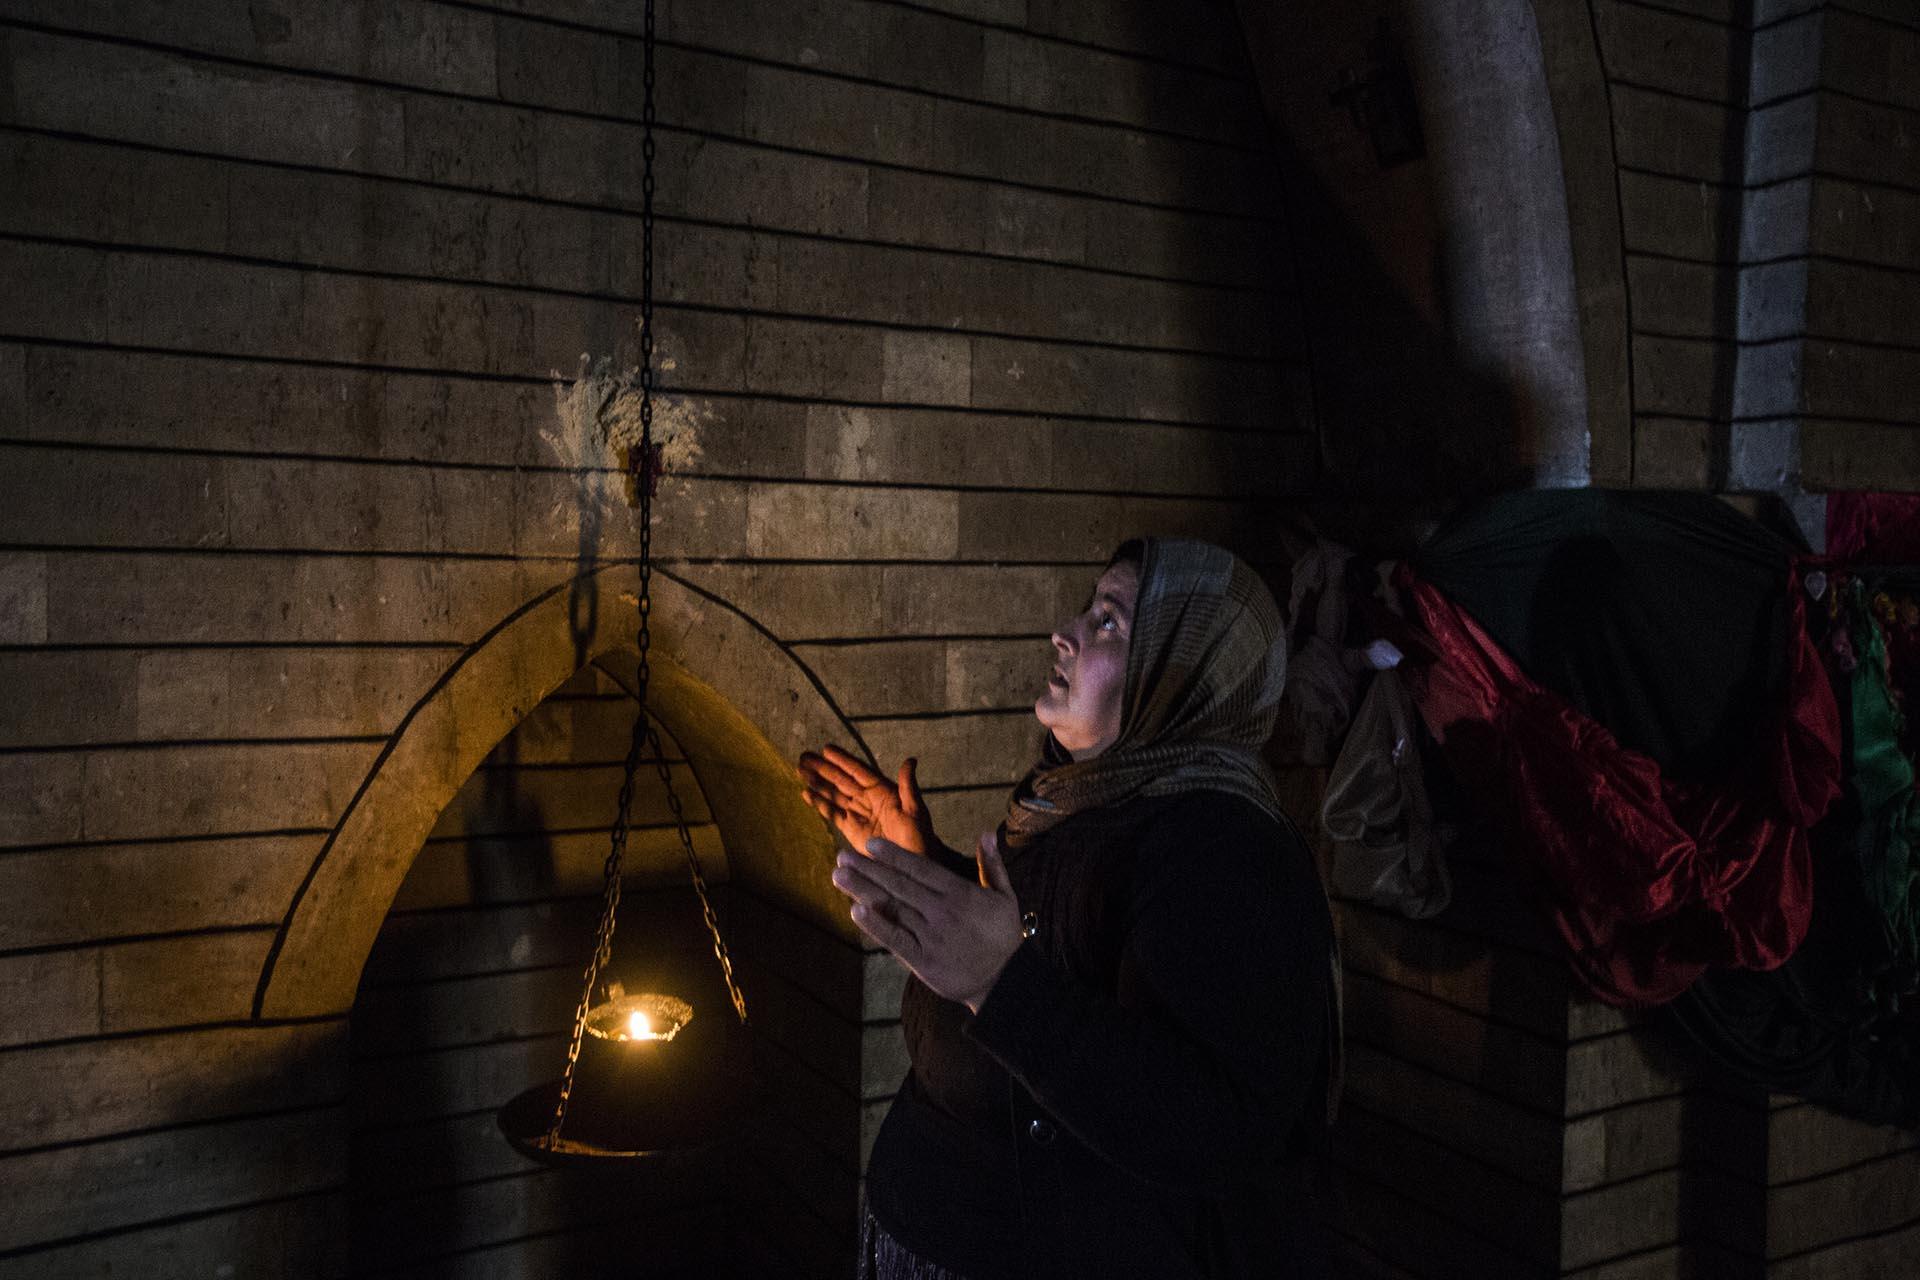 Una mujer reza en el interior del templo sagrado situado en las afueras de la ciudad de Lalish (Pablo Cobos)